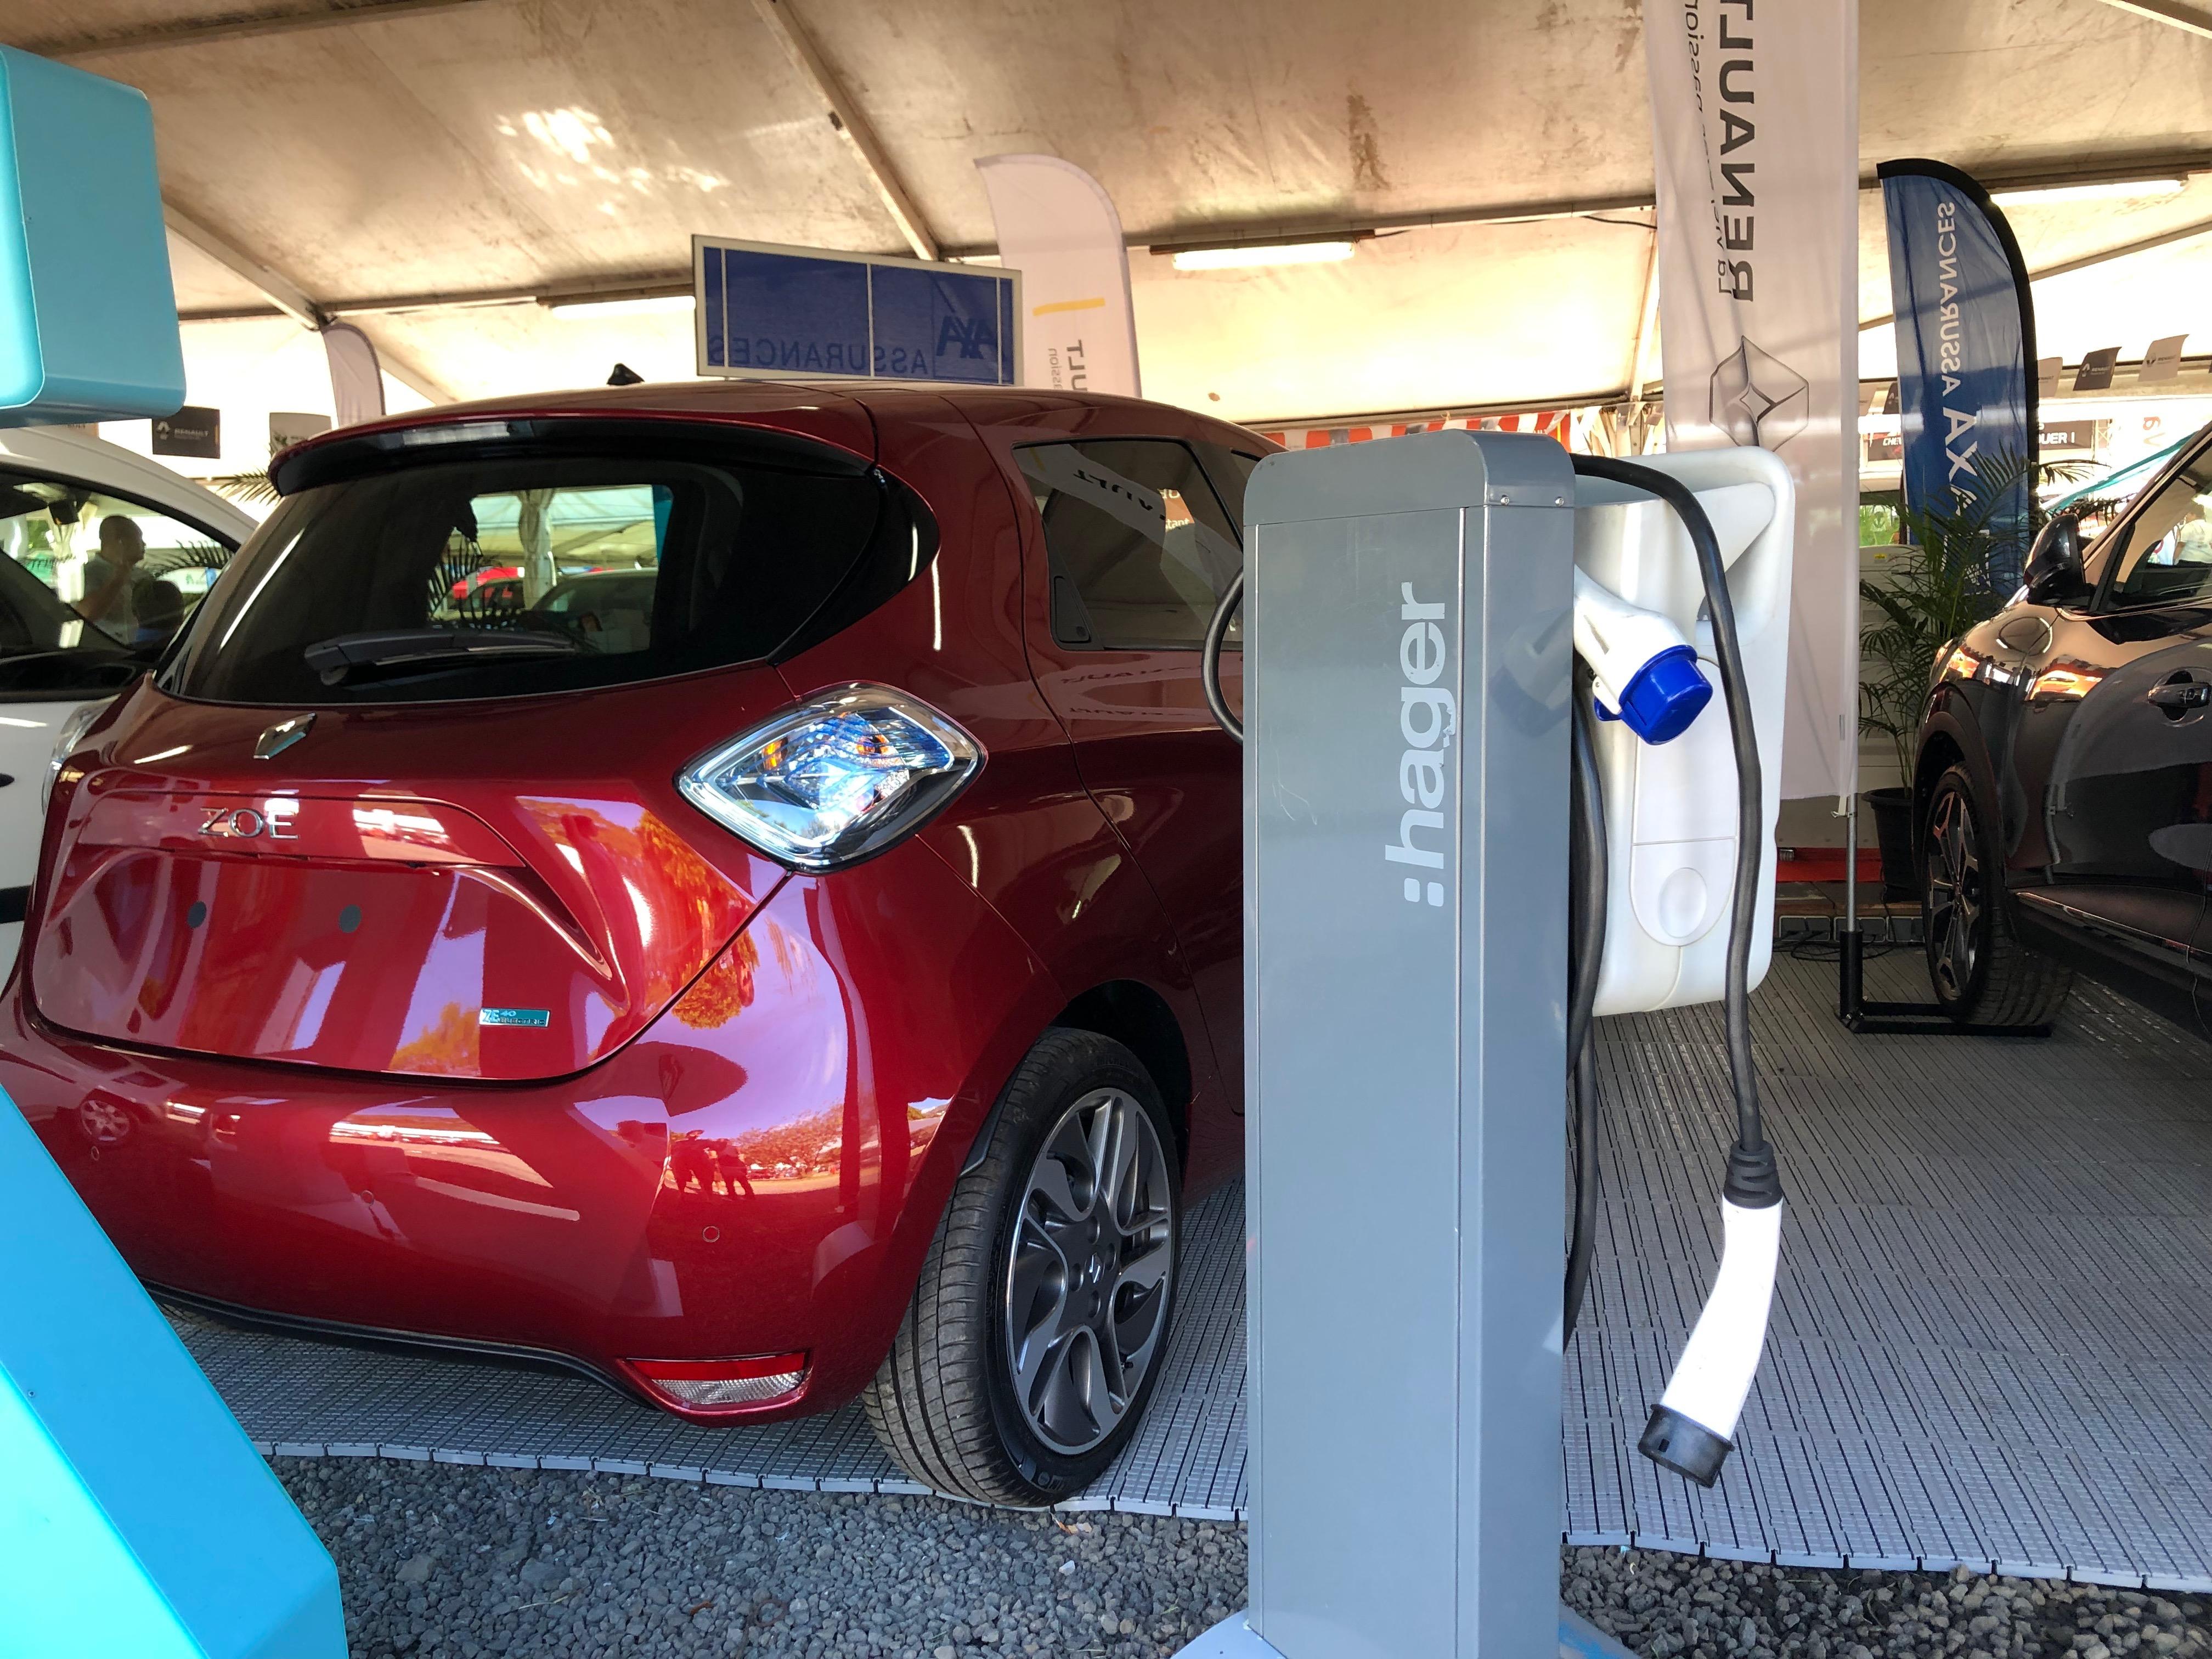 La révolution électrique s'amorce petit à petit au fenua.